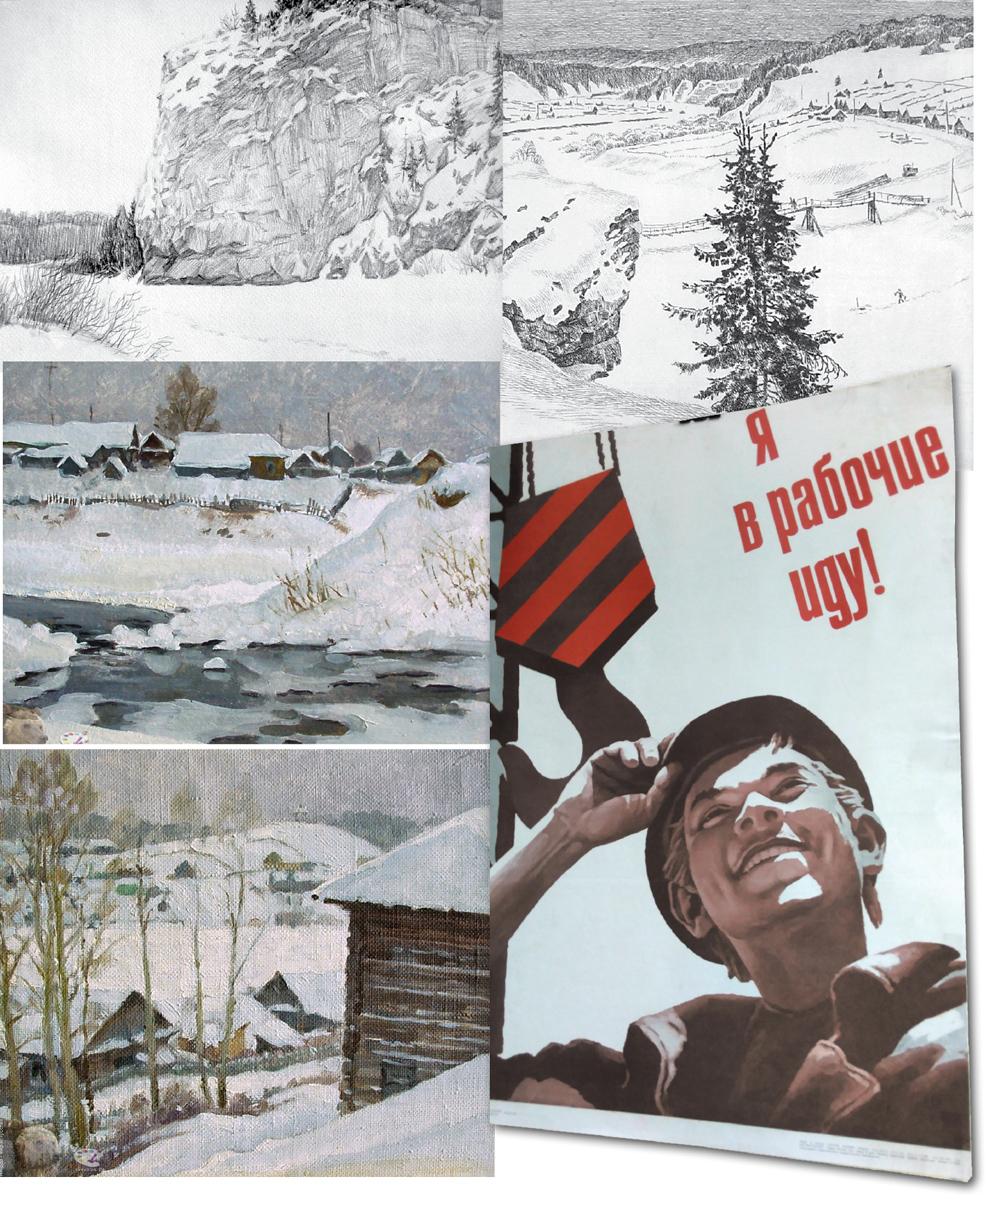 Геннадий Шуршин: «Пейзажи – на все времена, а идеями советского плаката сегодня никого не обманешь».